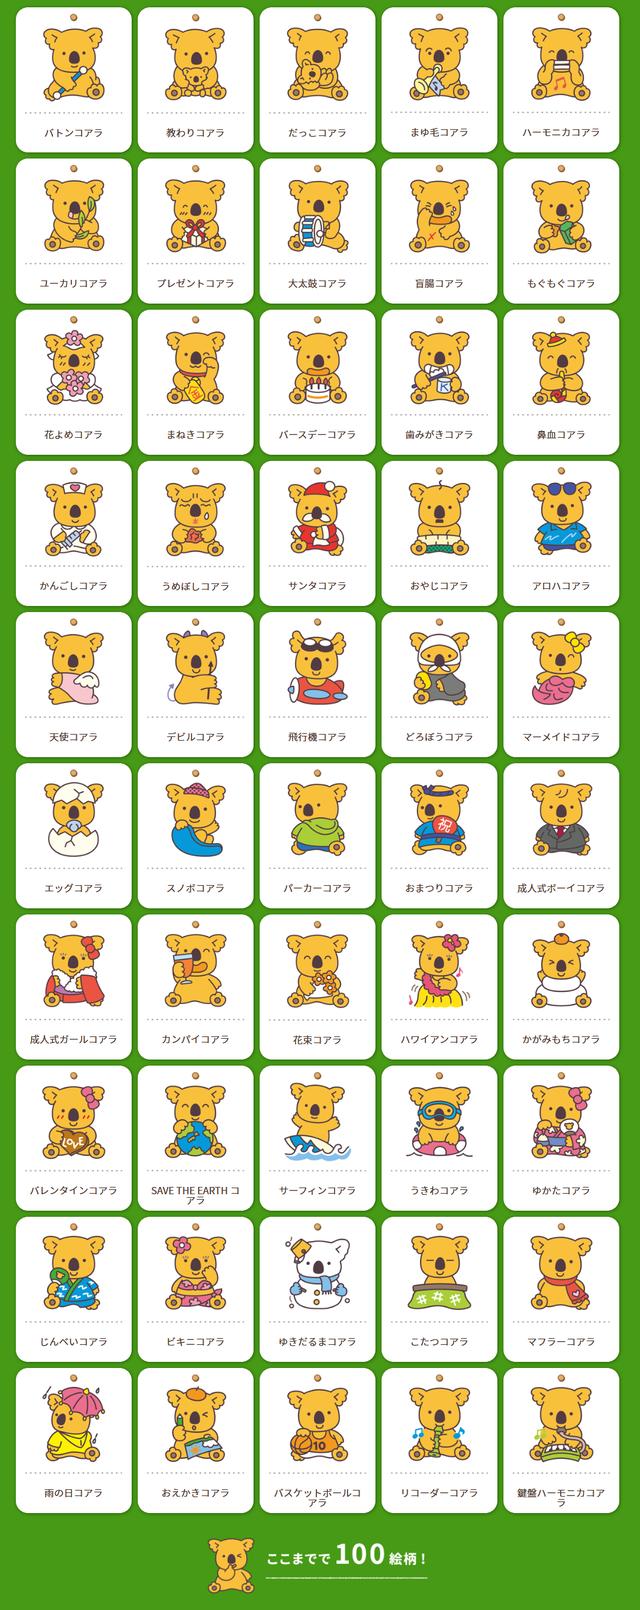 screenshot-www.lotte.co.jp-2020.06.18-11_22_23